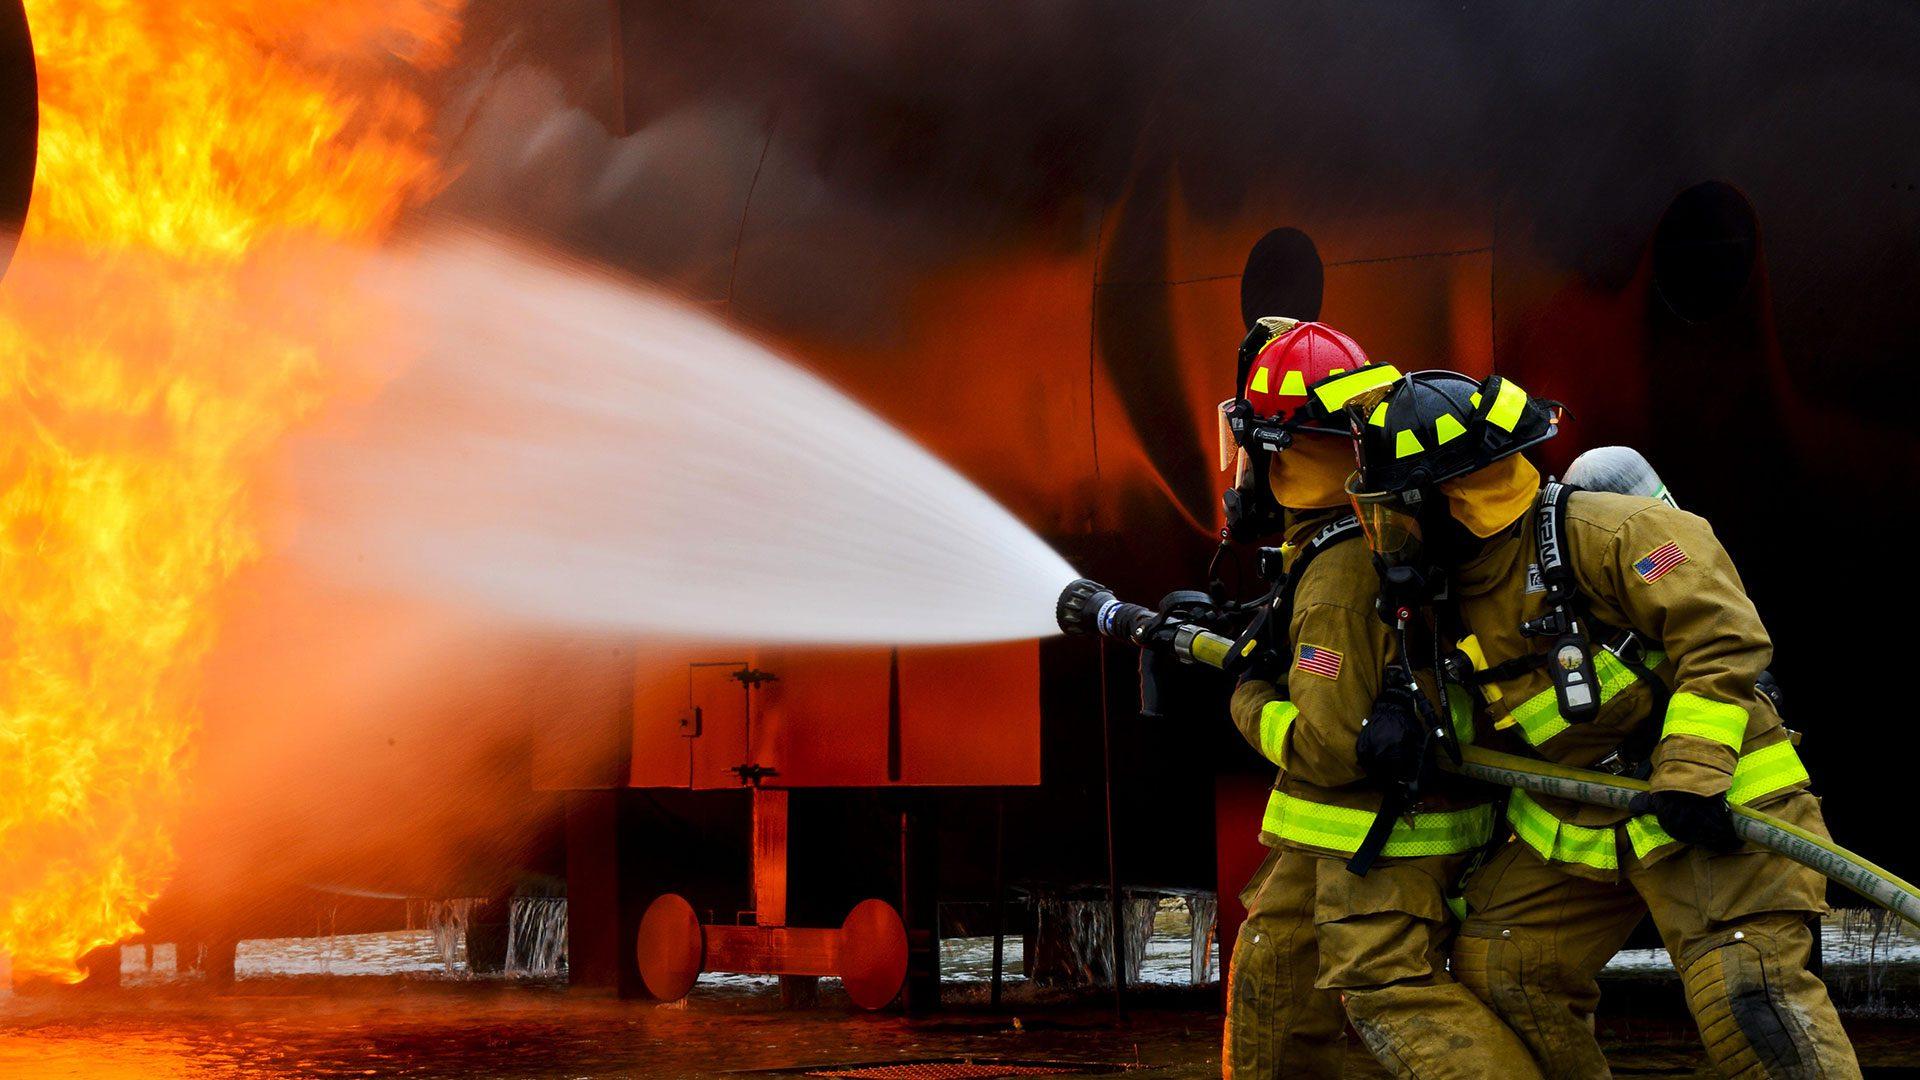 Firemen extinguishing a car fire.